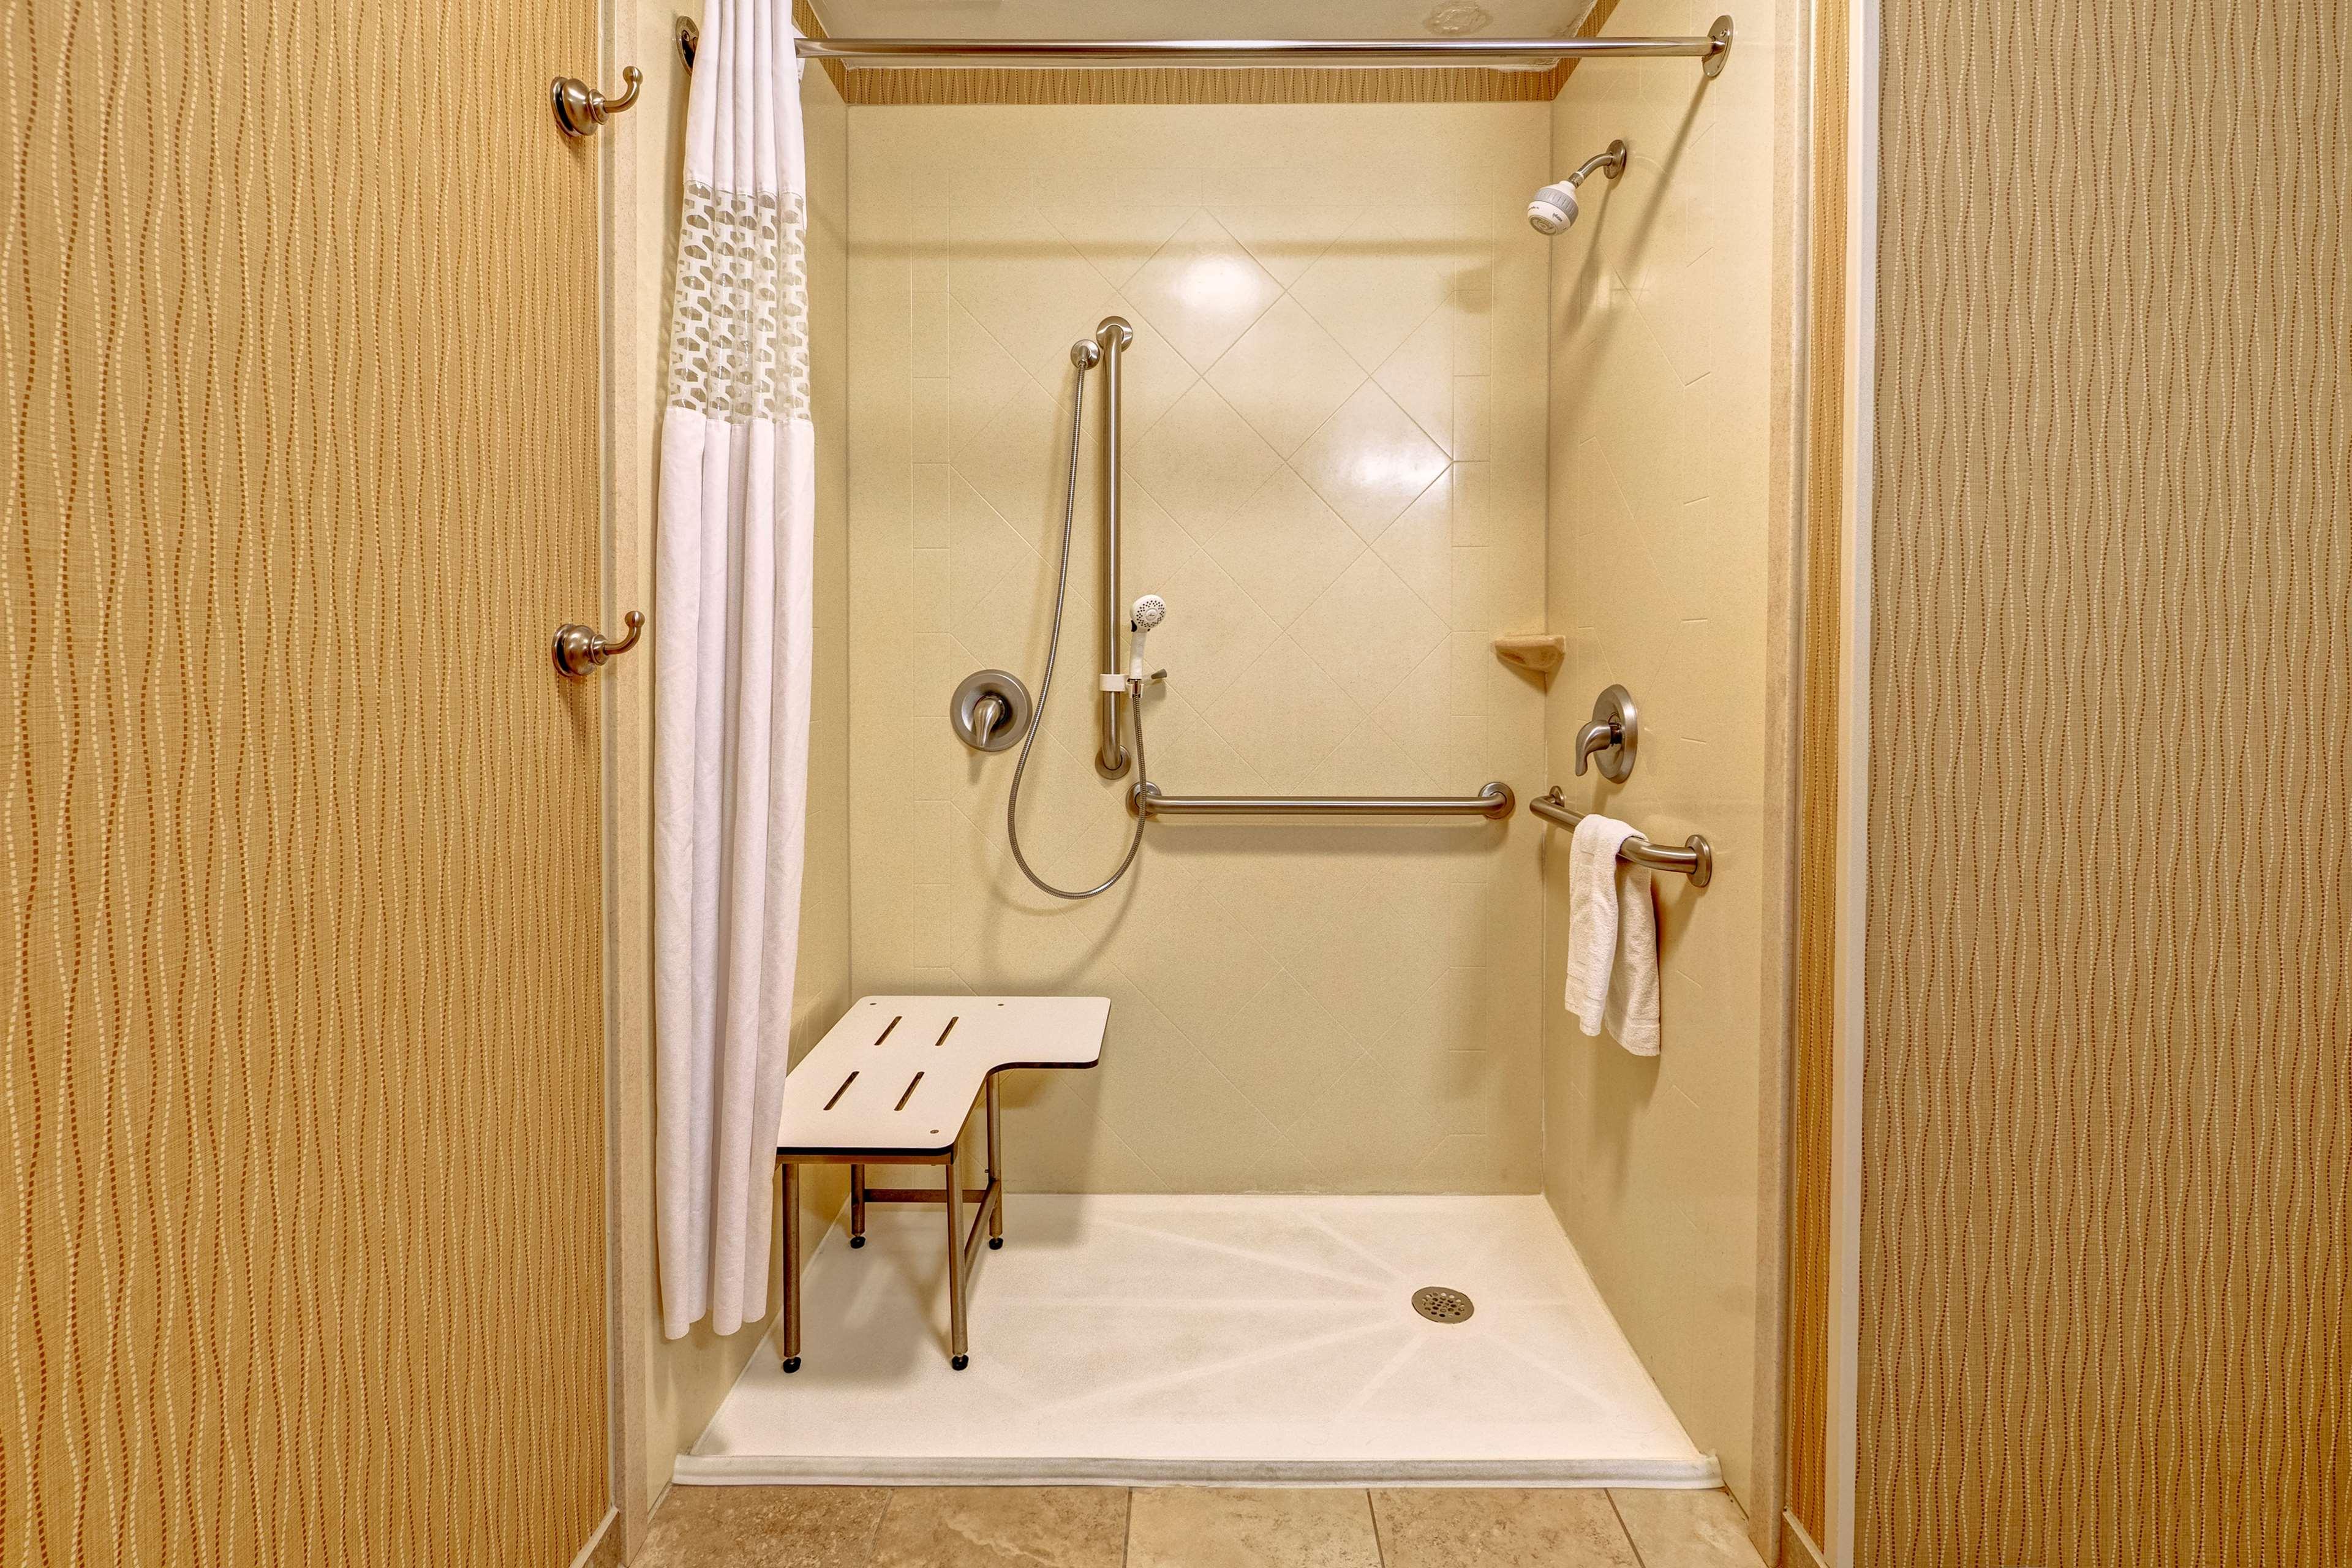 Hampton Inn Suites Minneapolis St Paul Arpt-Mall of America image 13